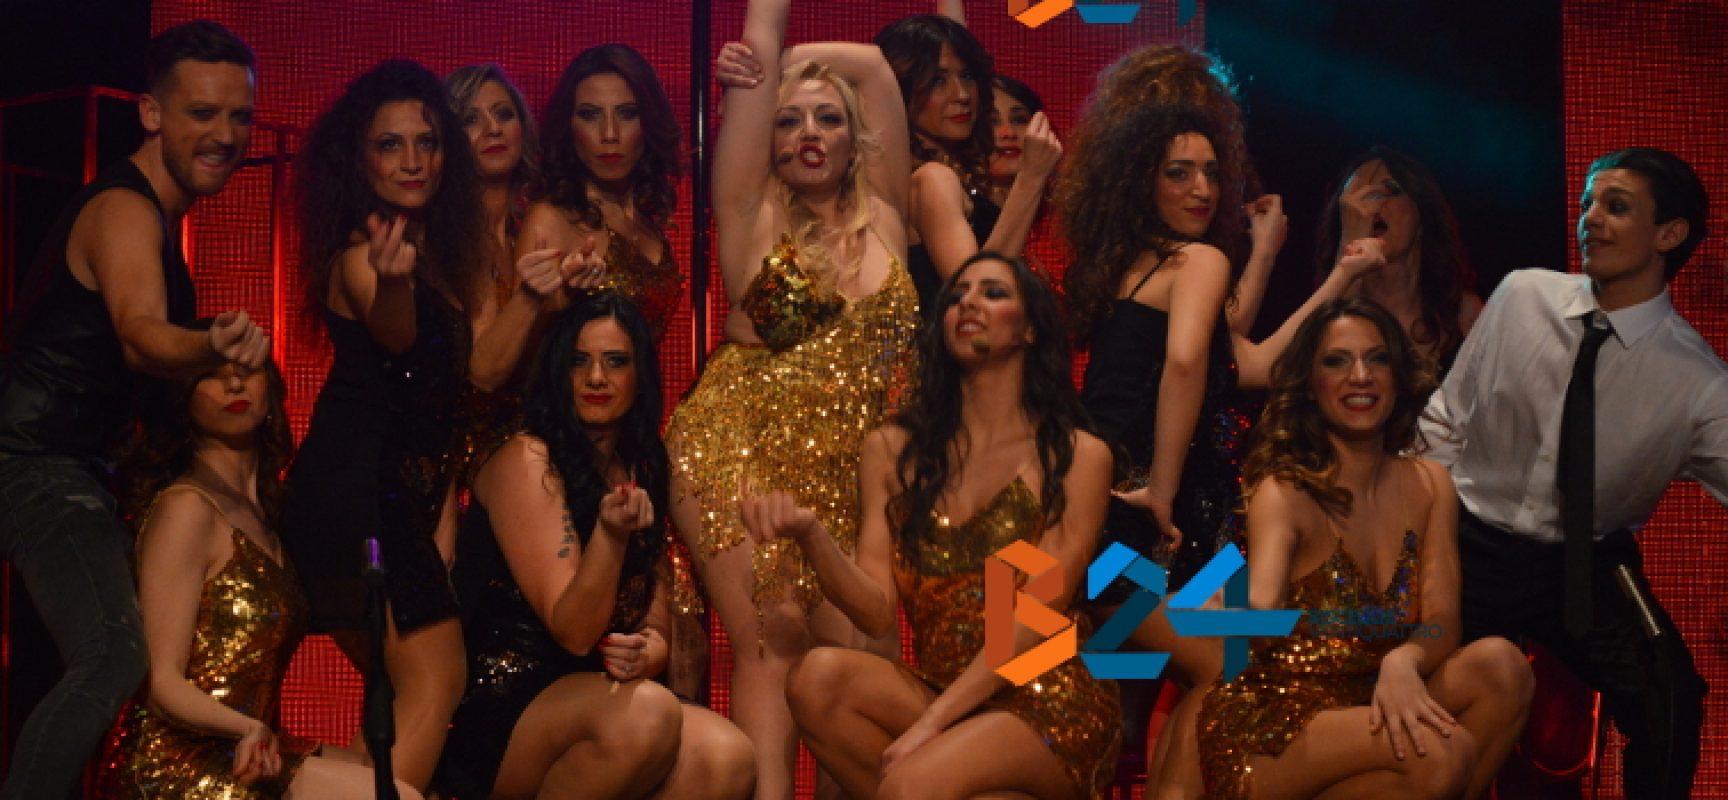 """Tripudio di donne, voci, luci e colori in """"Welcome to Burlesque"""" di Fagipamafra  / FOTO"""